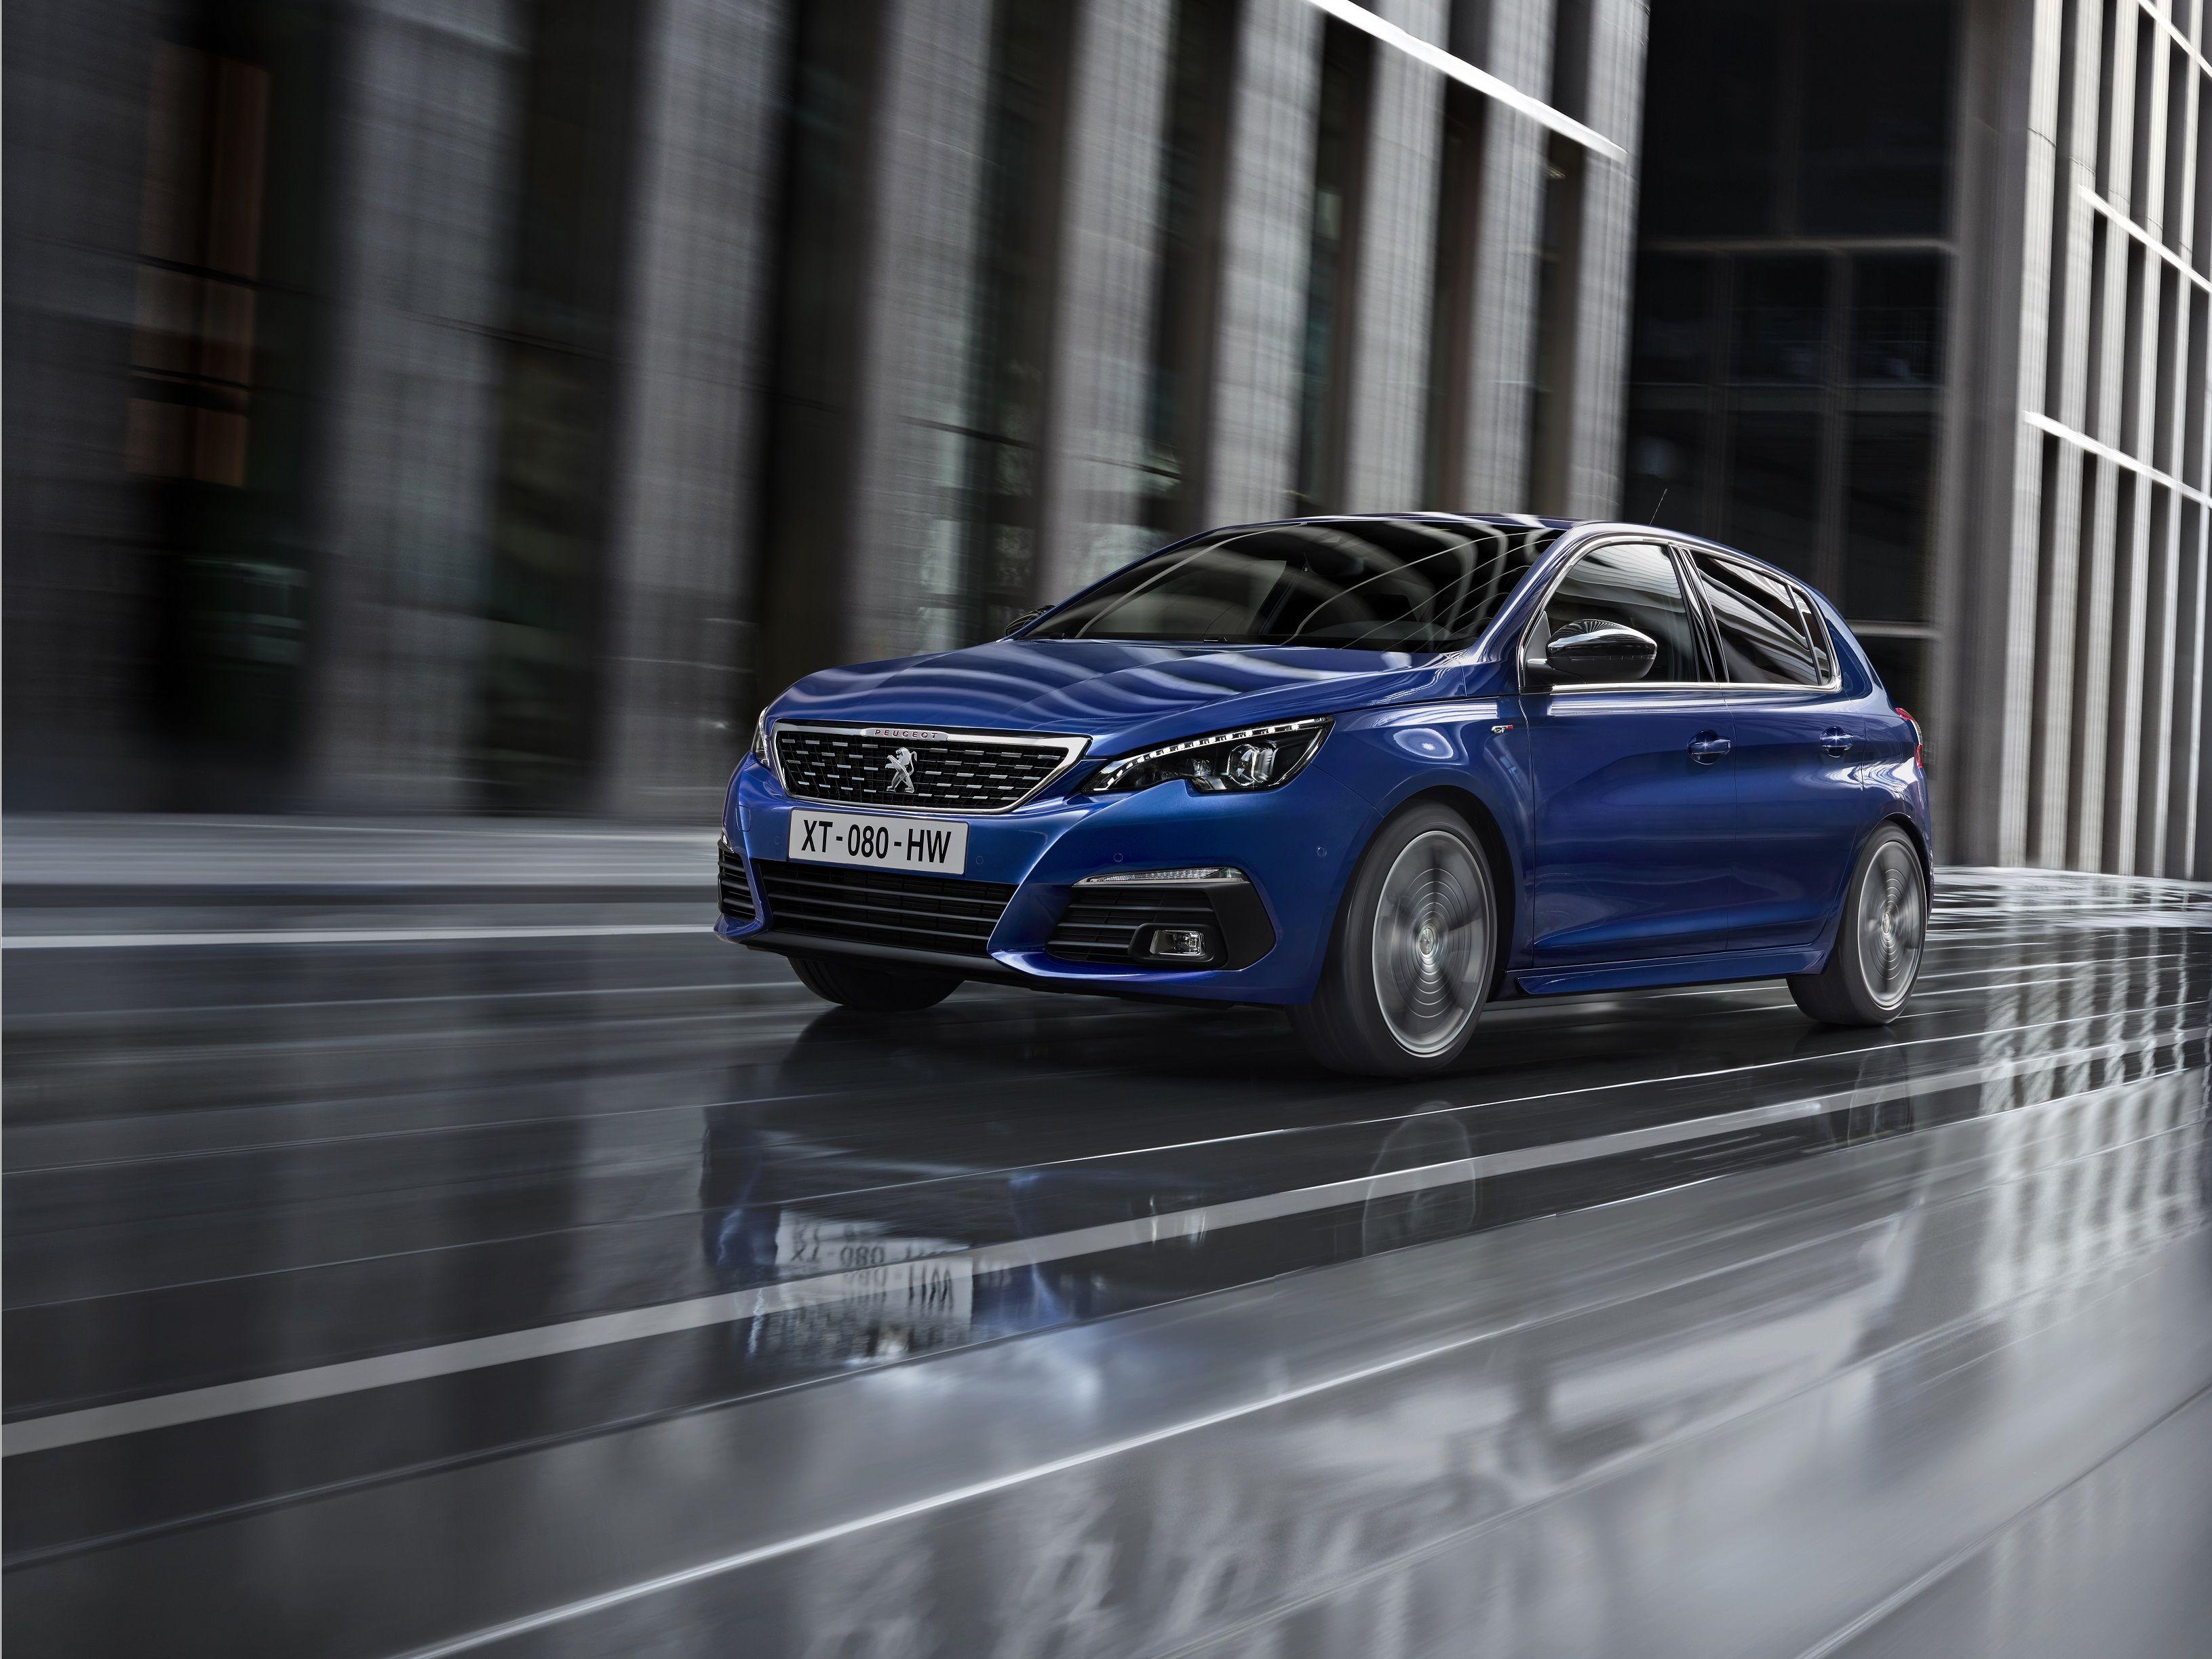 La Red Comercial Peugeot recibe el Nuevo 308 con Jornadas de Puertas Abiertas